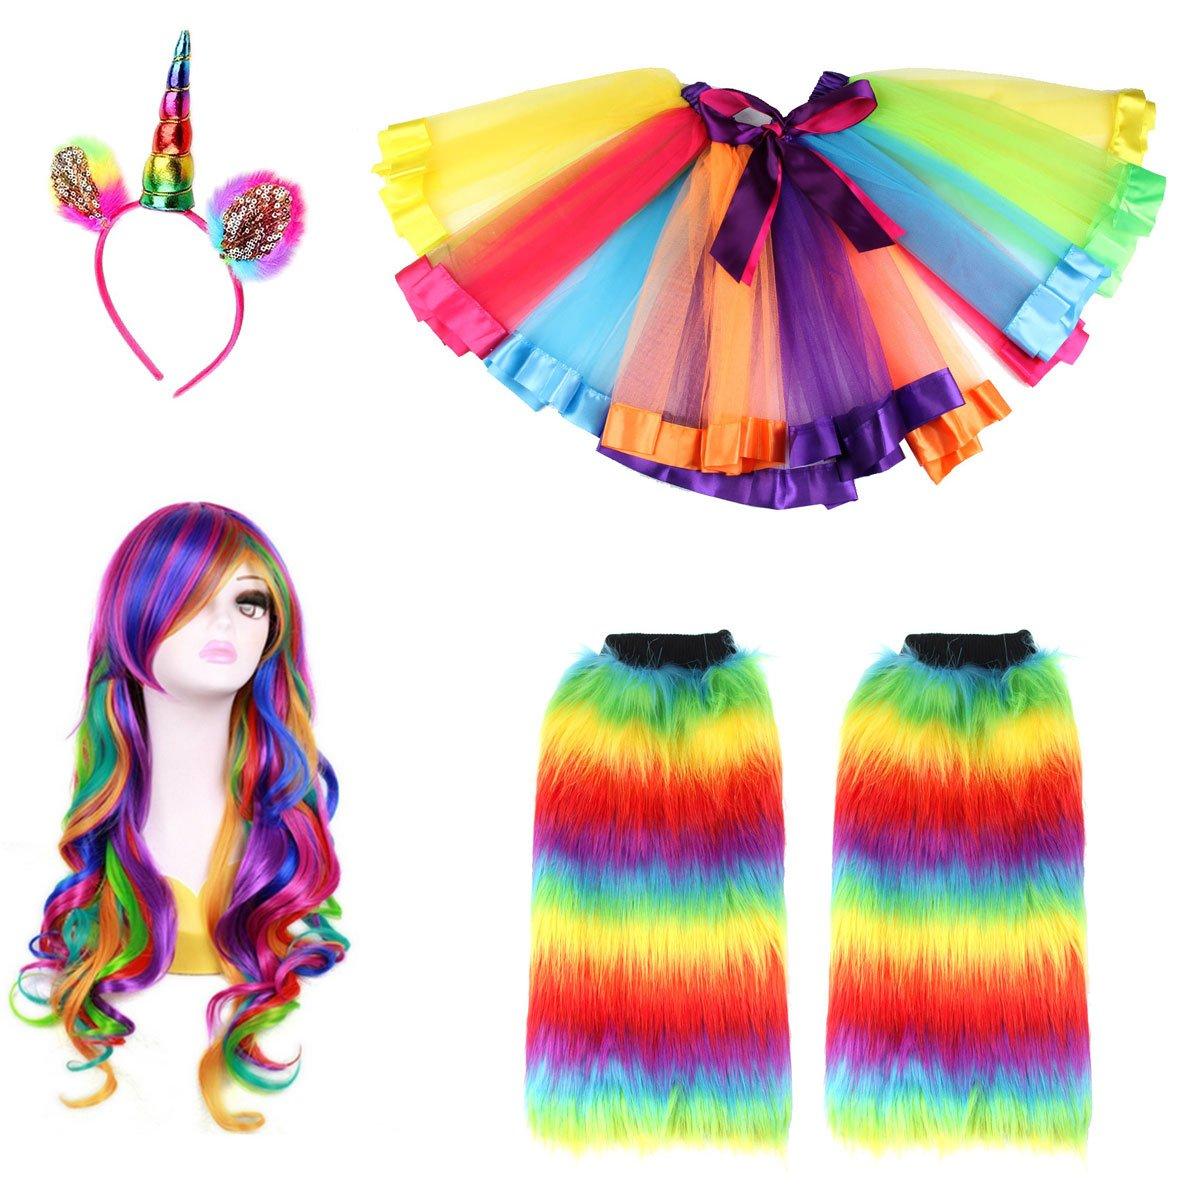 Adult Rainbow Costume Sets Wave Wig Long Gloves Stockings Tutu Skirt Floral Headband (J)